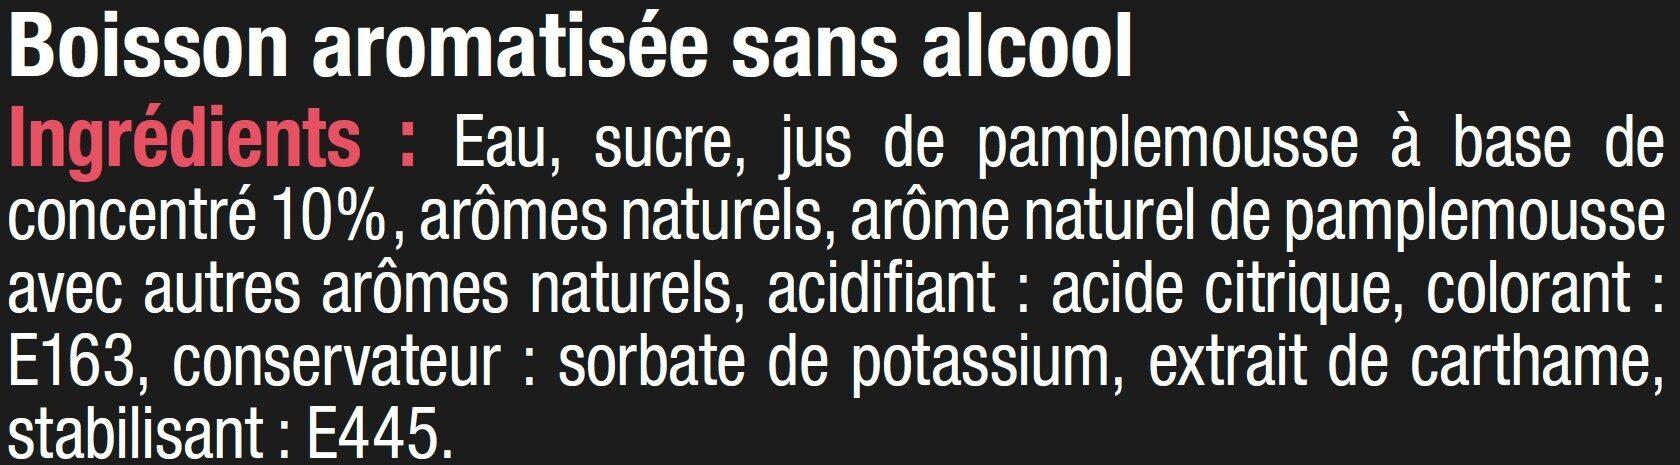 Cocktail sans alcool rose pamplemousse - Ingrédients